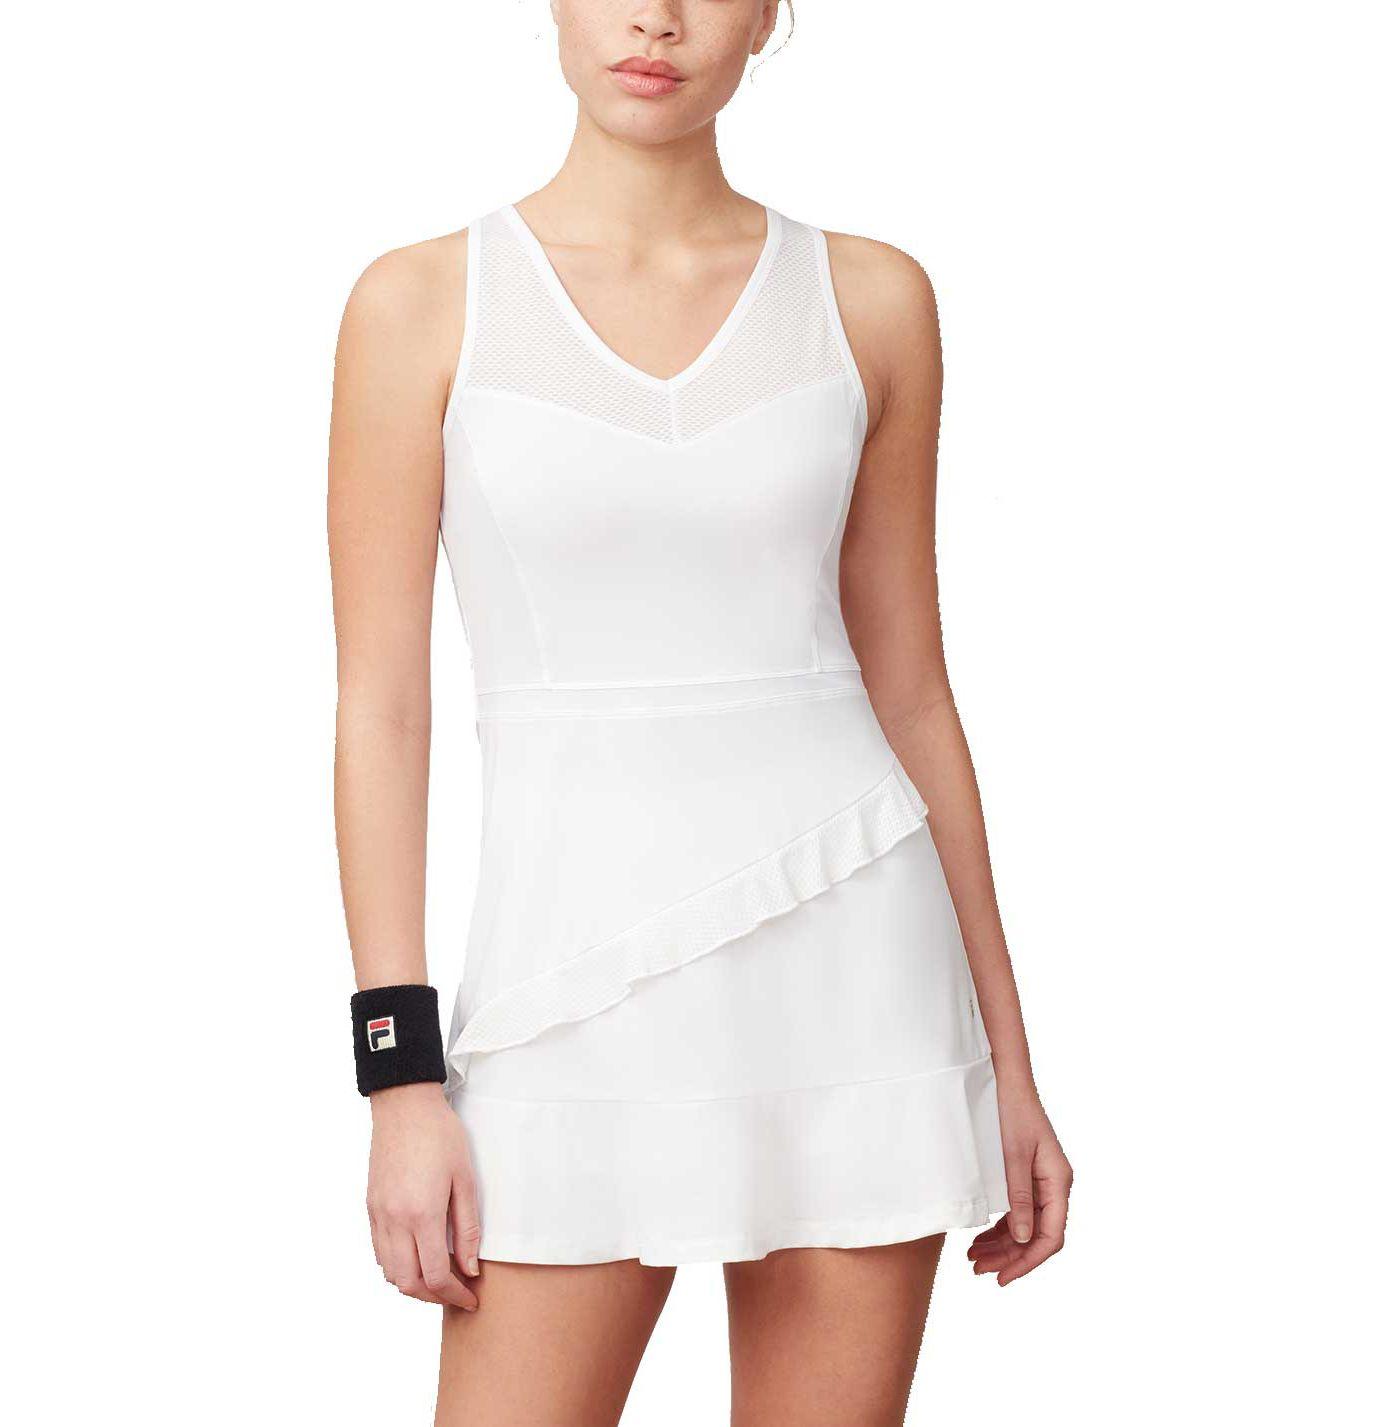 Fila Women's Ruffle Tennis Dress